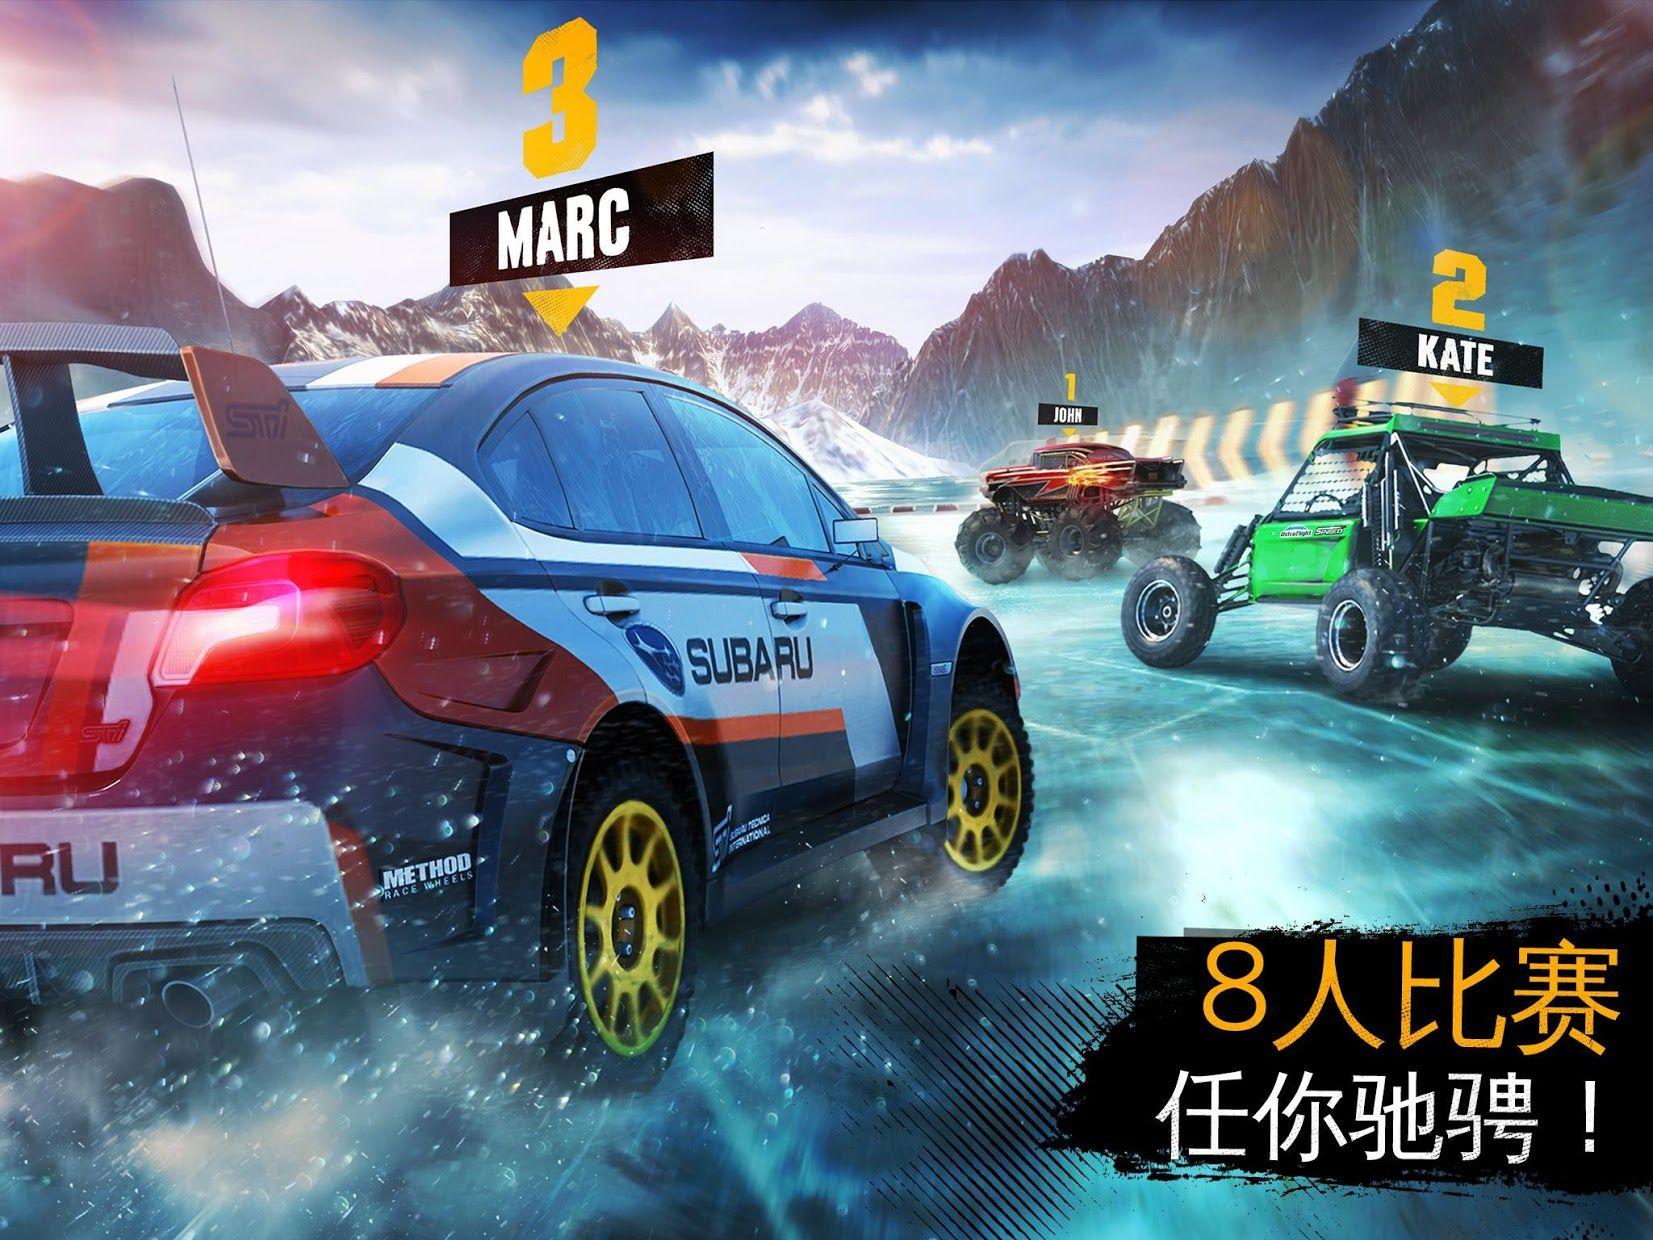 狂野飙车:极限越野 游戏截图4